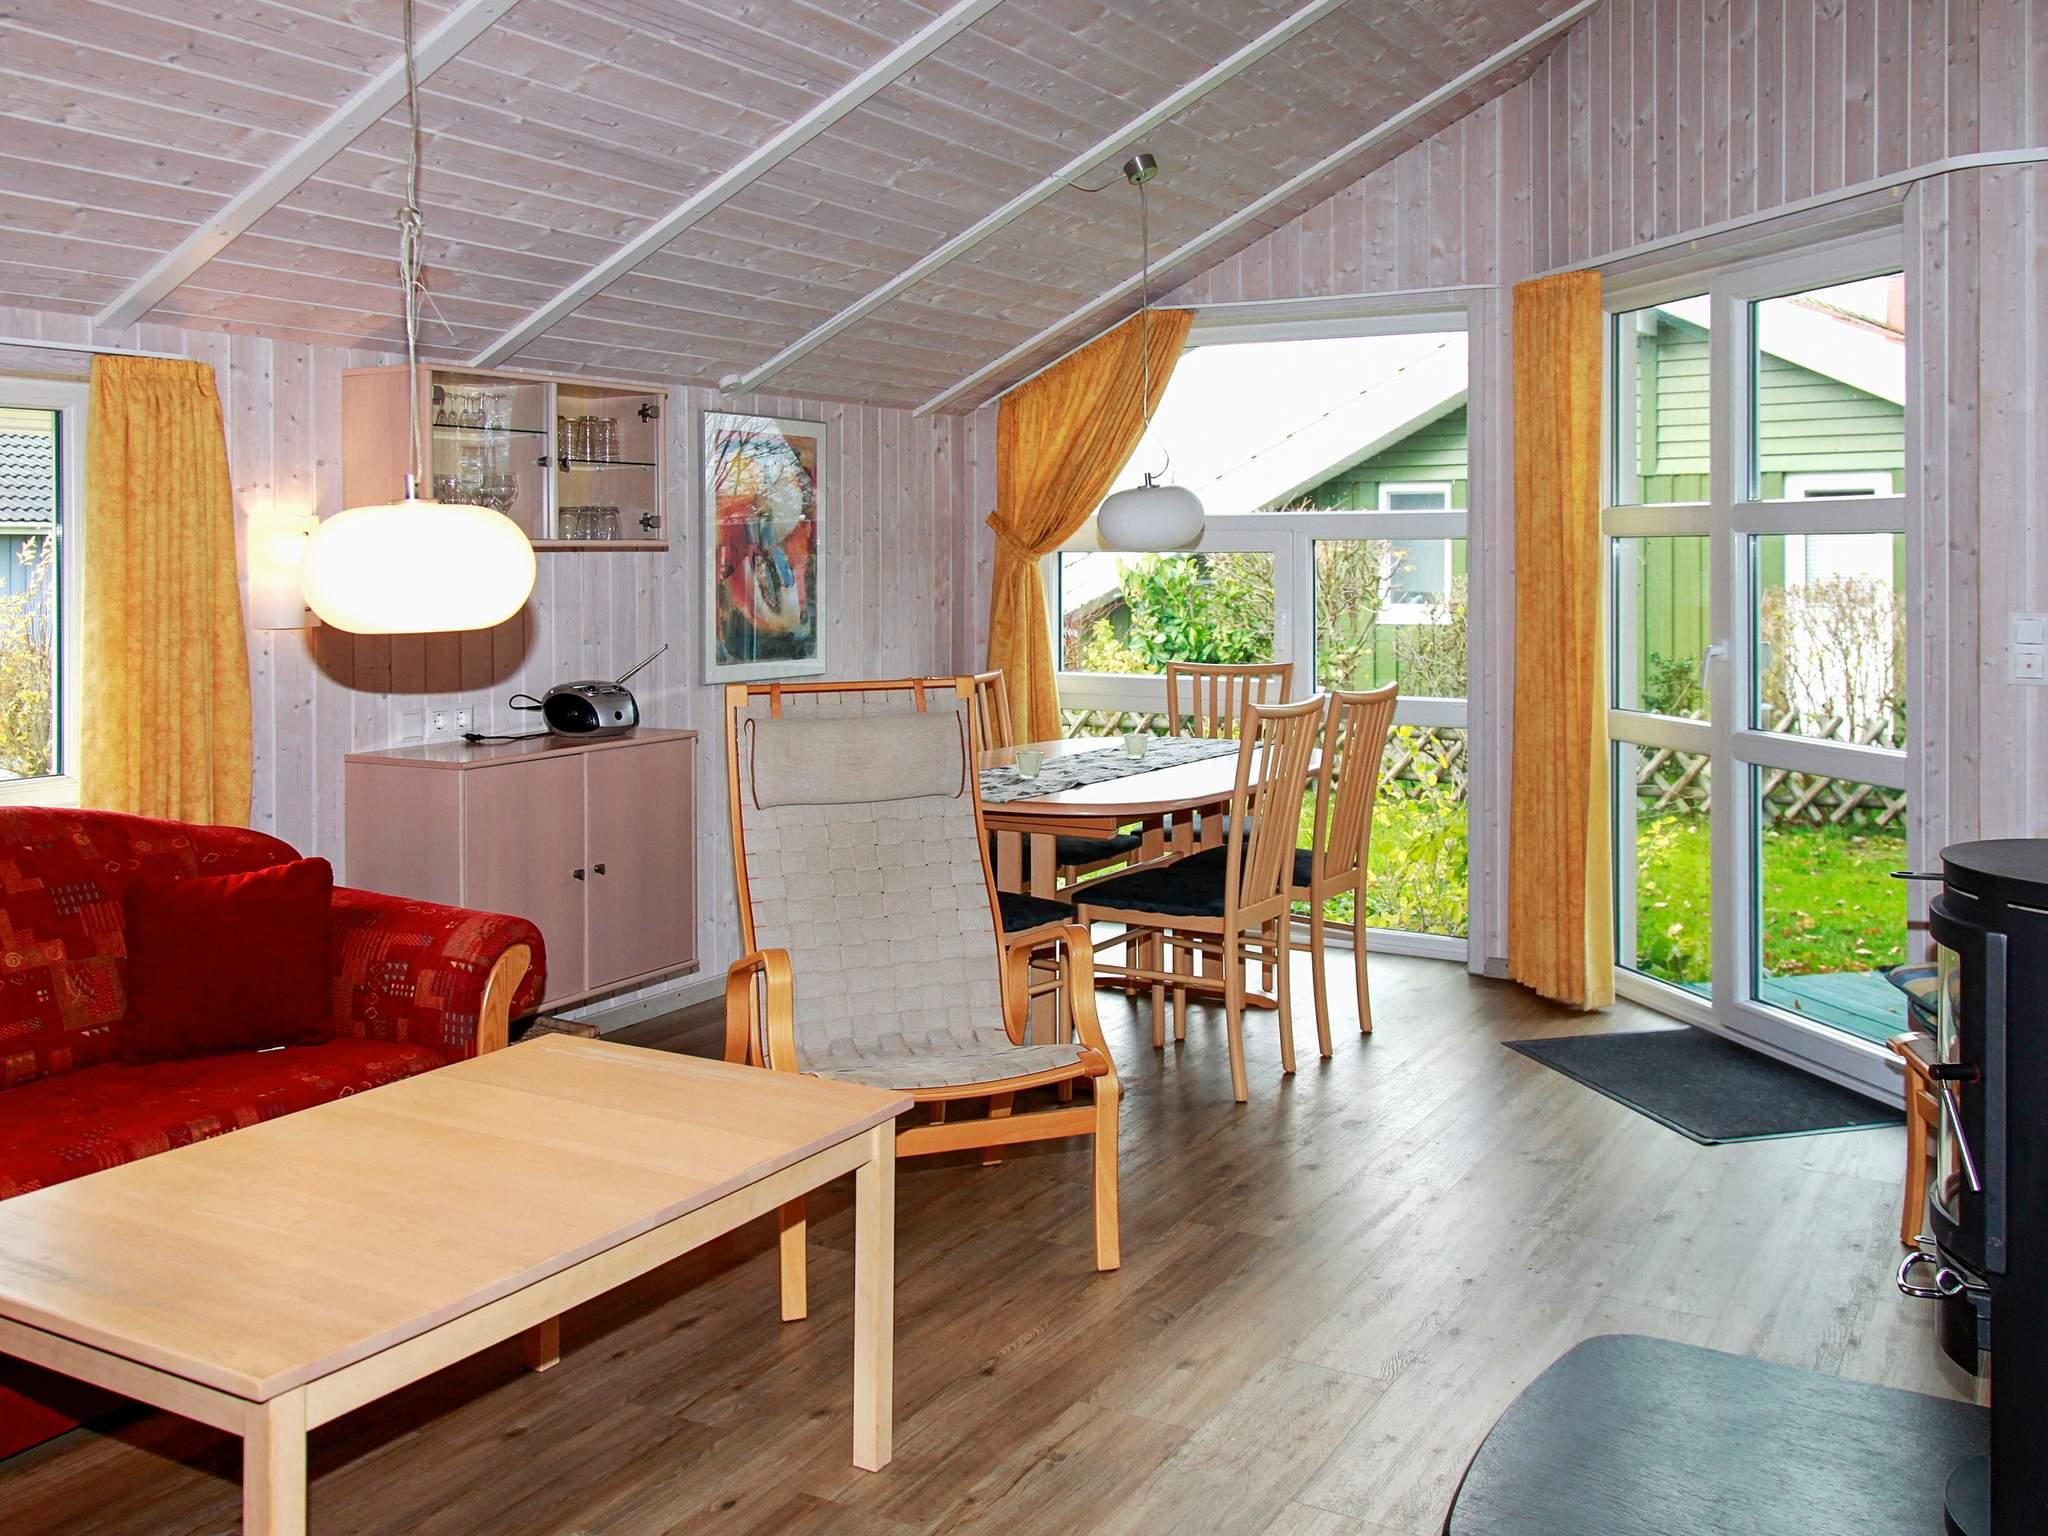 Ferienhaus Gelting (125199), Gelting, Geltinger Bucht, Schleswig-Holstein, Deutschland, Bild 2